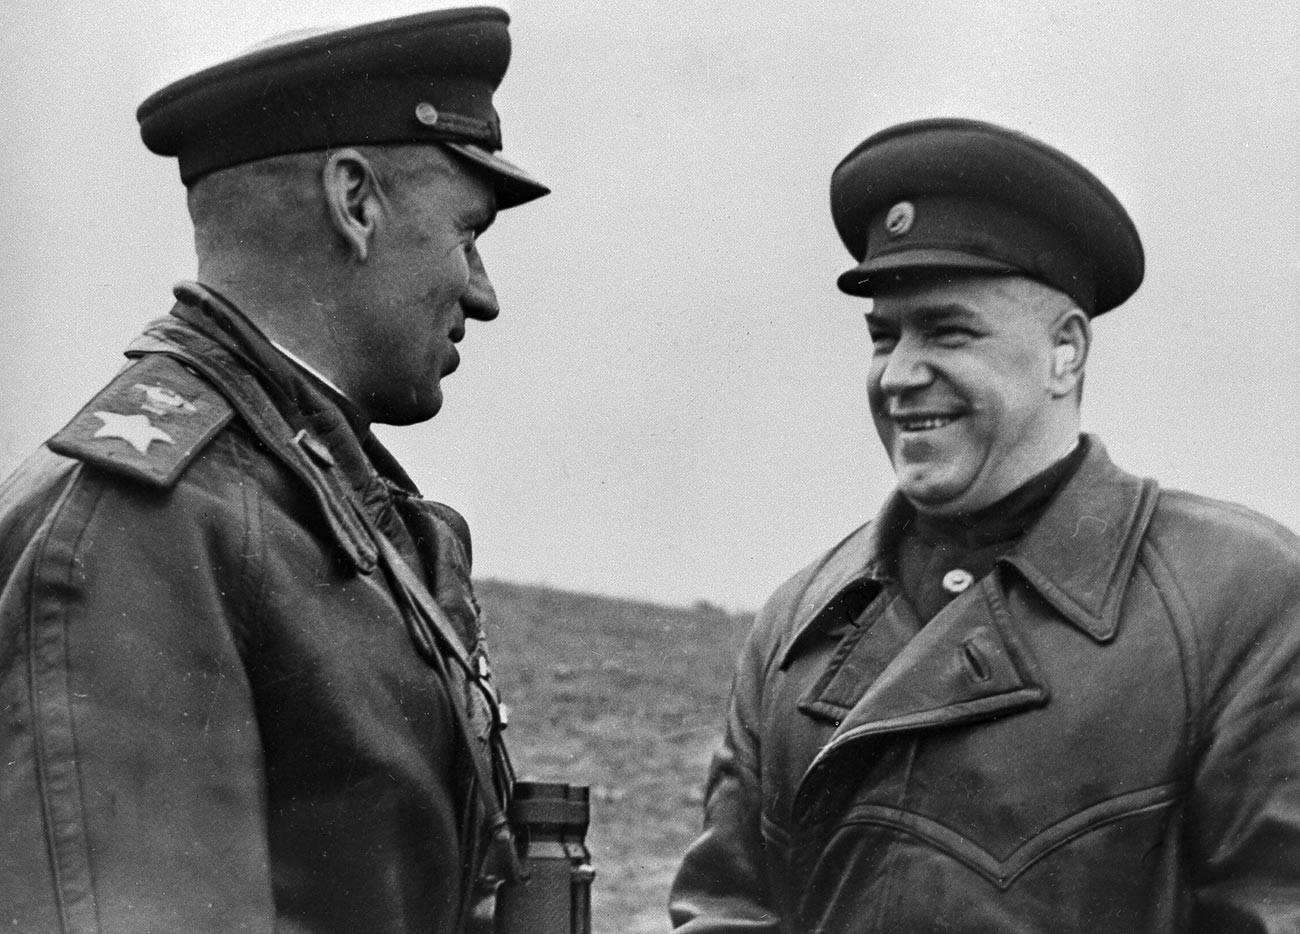 Командующий 1-ым Белорусским фронтом маршал Советского Союза Константин Рокоссовский (слева) и представитель ставки маршал Советского Союза Георгий Жуков в Польше.